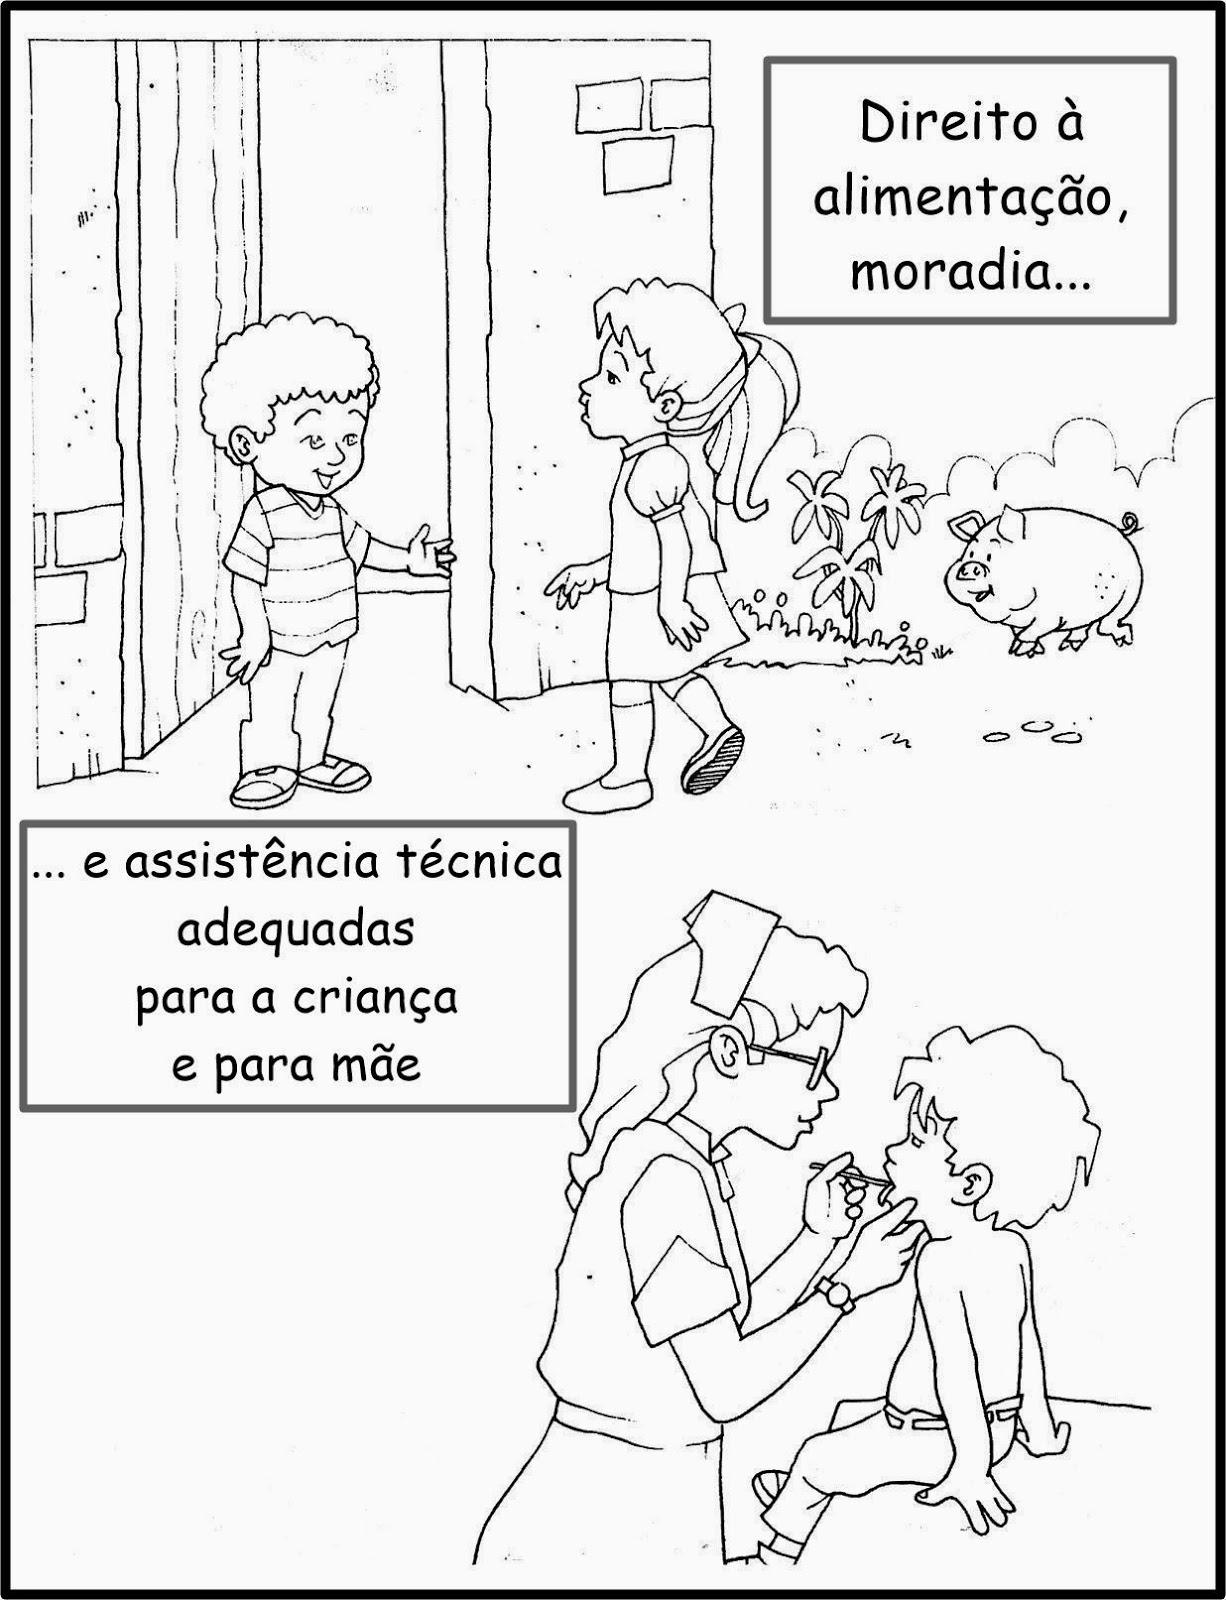 dia das crianças atividades escolares (4)